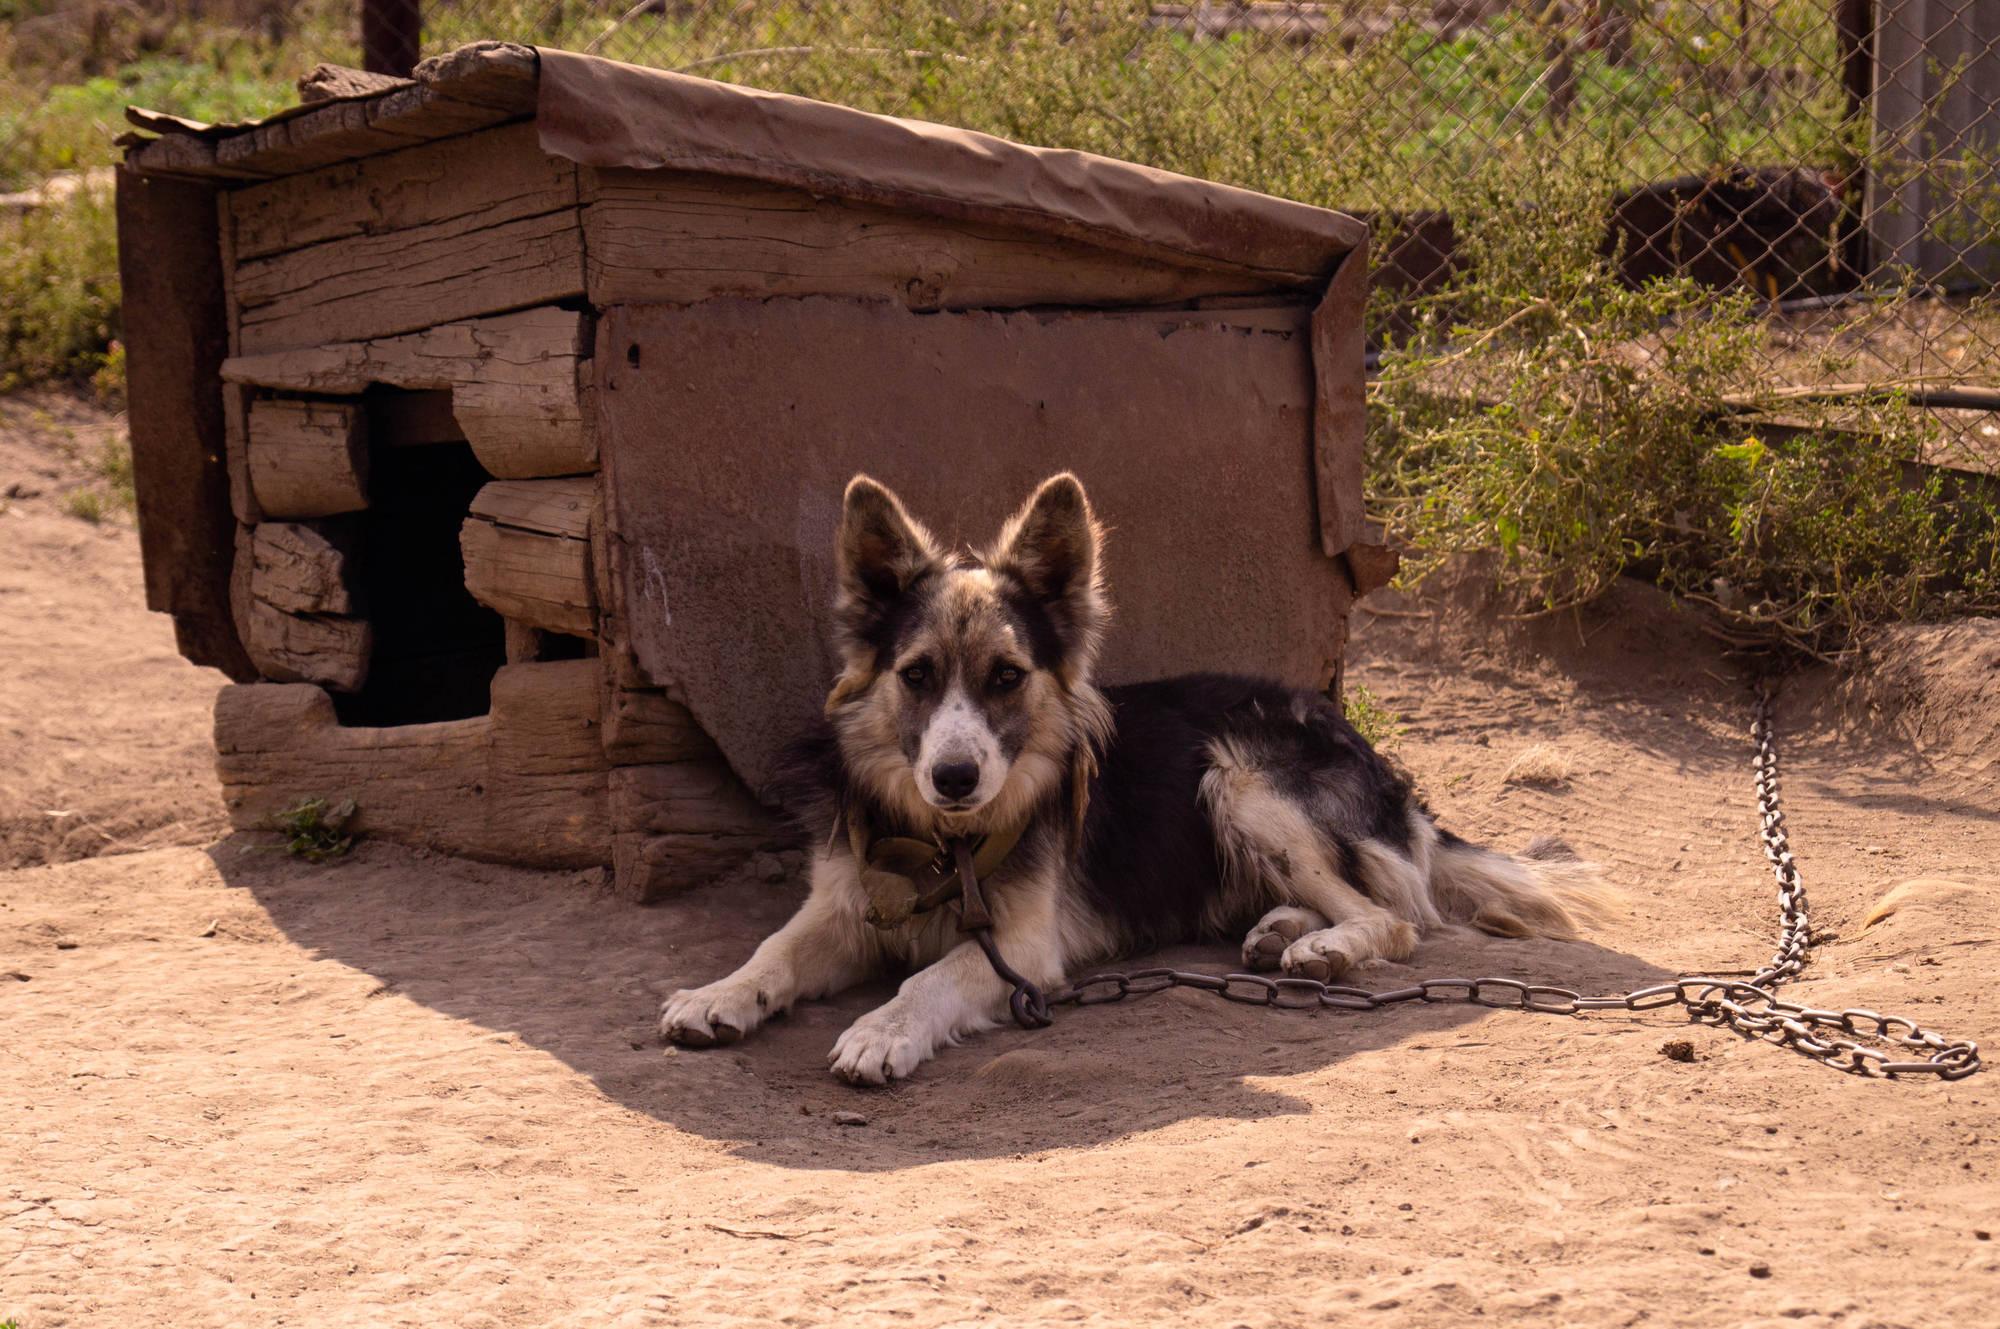 Куда и как написать заявление о жестоком обращениии с животными?